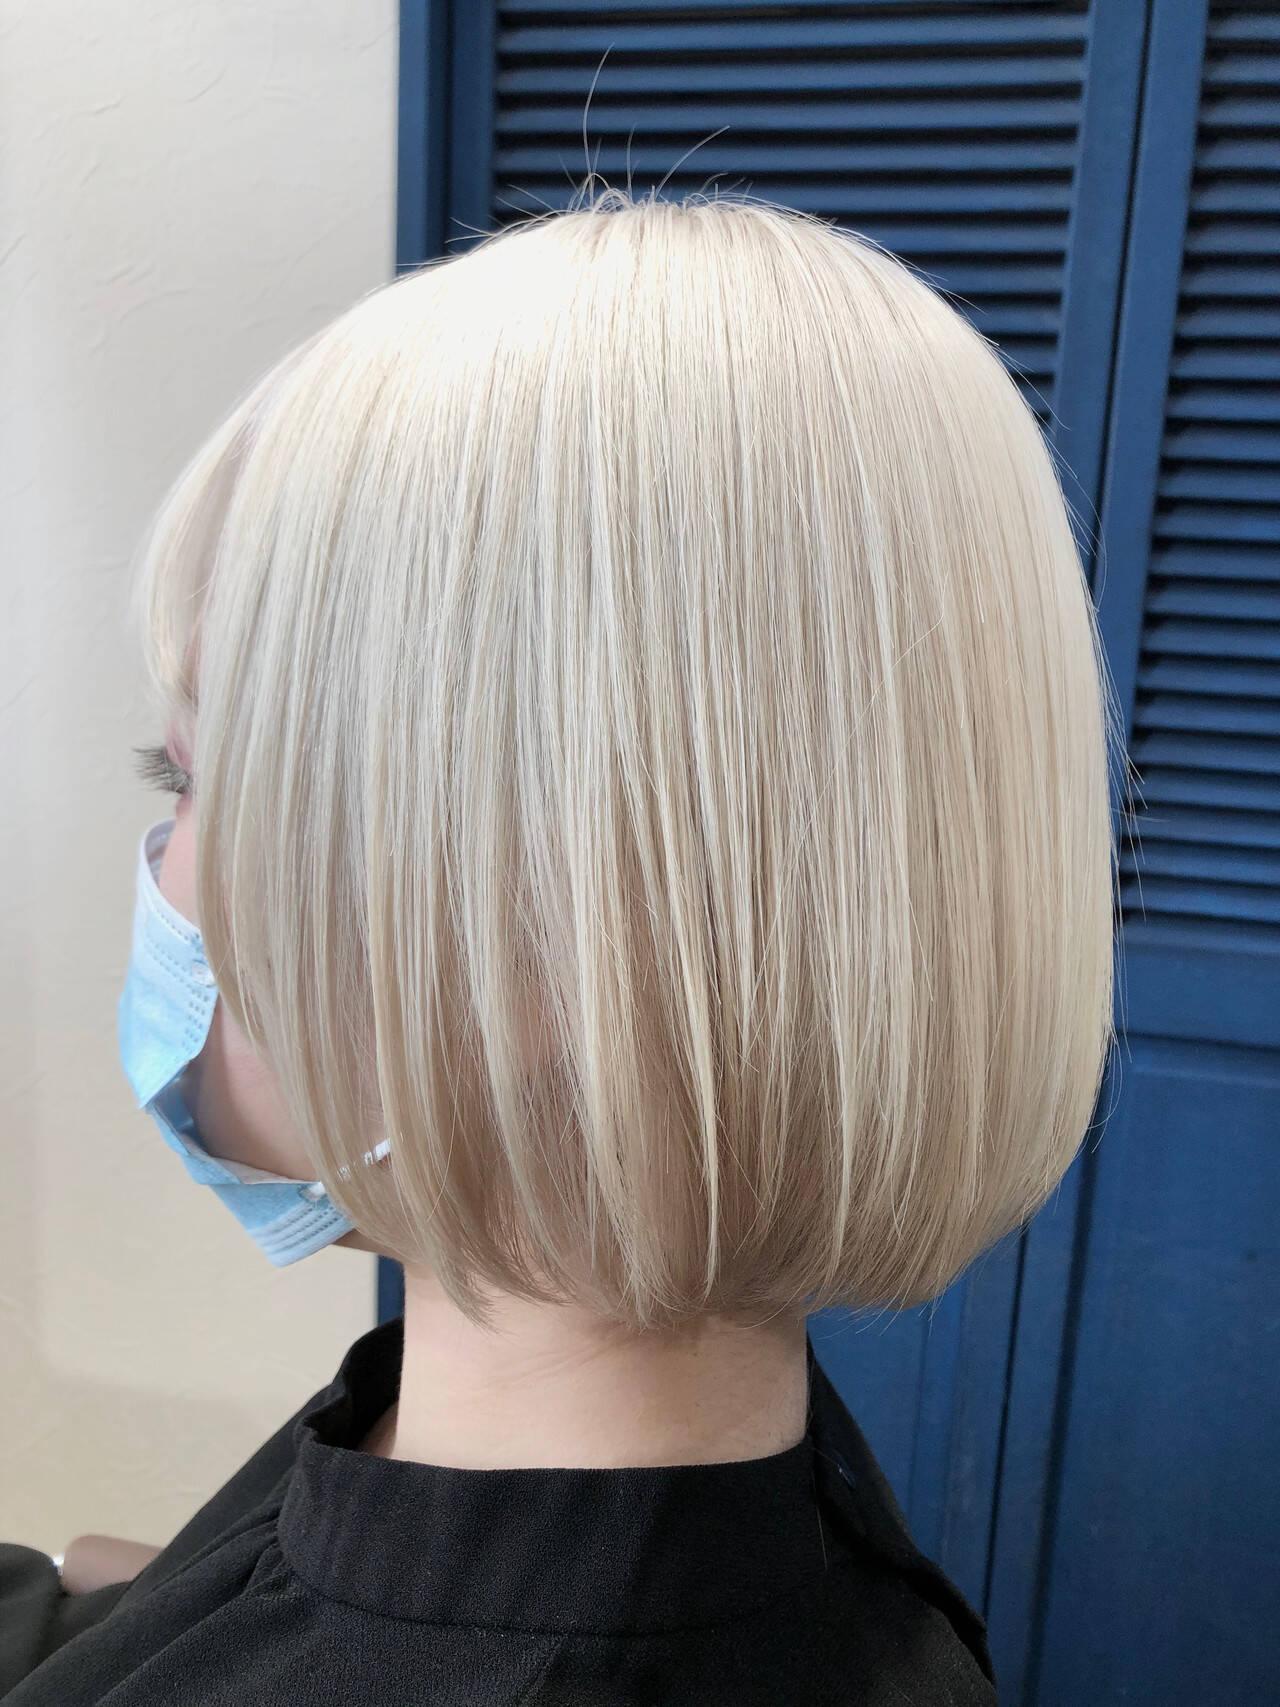 ブリーチオンカラー ホワイトブリーチ ストリート ボブヘアスタイルや髪型の写真・画像